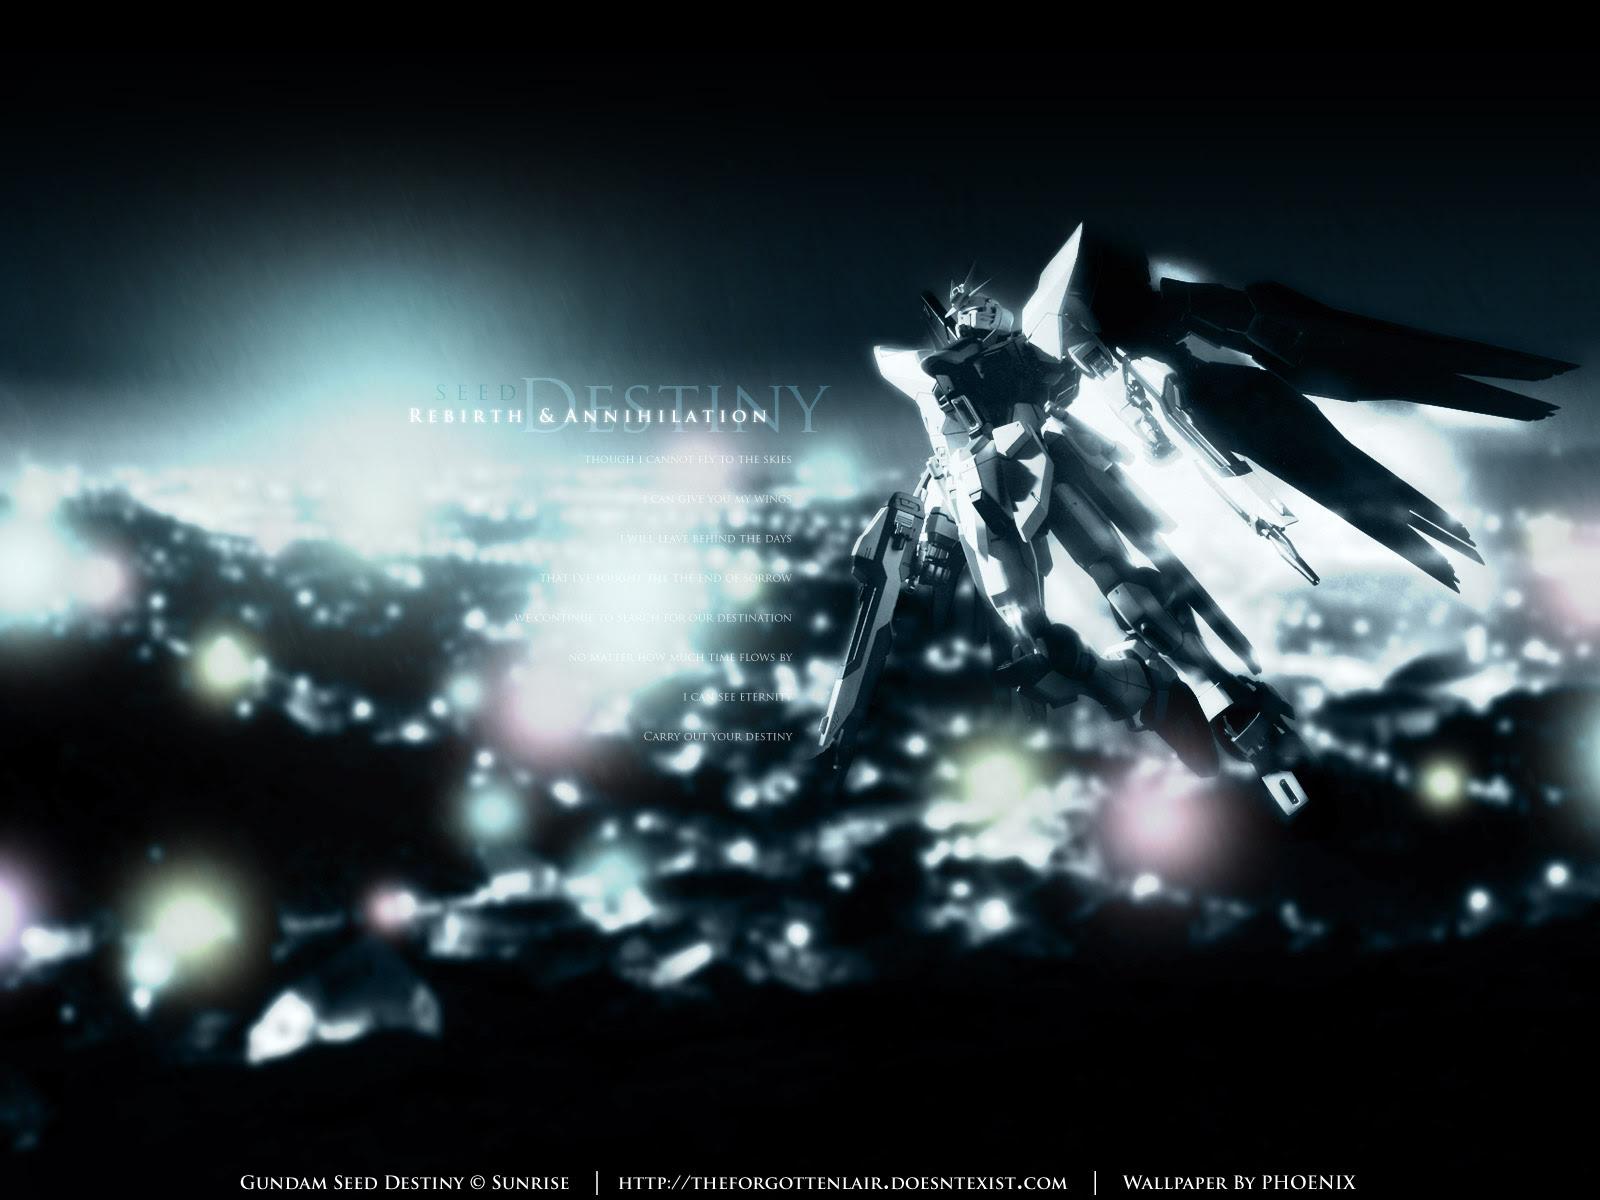 Destiny Gundam Gundam Seed Destiny 壁紙 24471320 ファンポップ